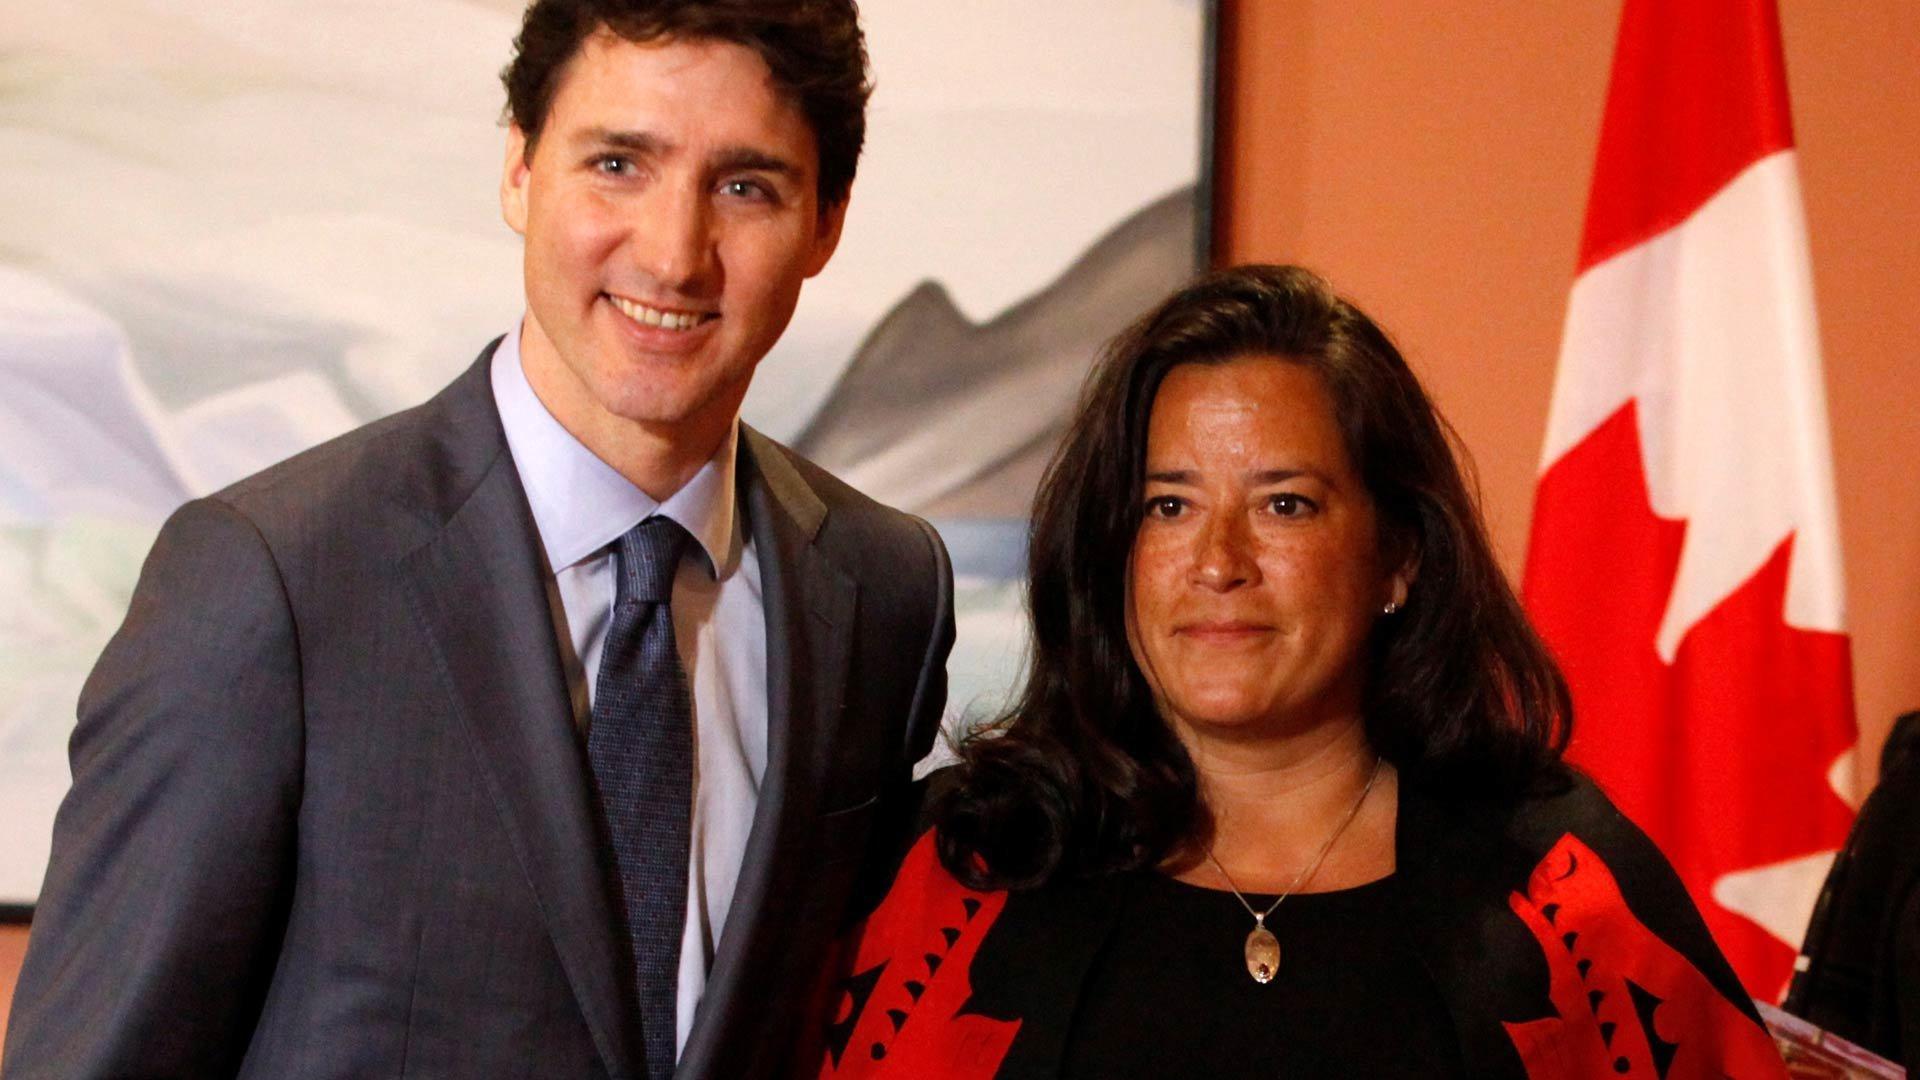 Πολιτικό σκάνδαλο στον Καναδά - Αναφορές για πιέσεις Τριντό σε Υπουργό υπέρ κατασκευαστικής